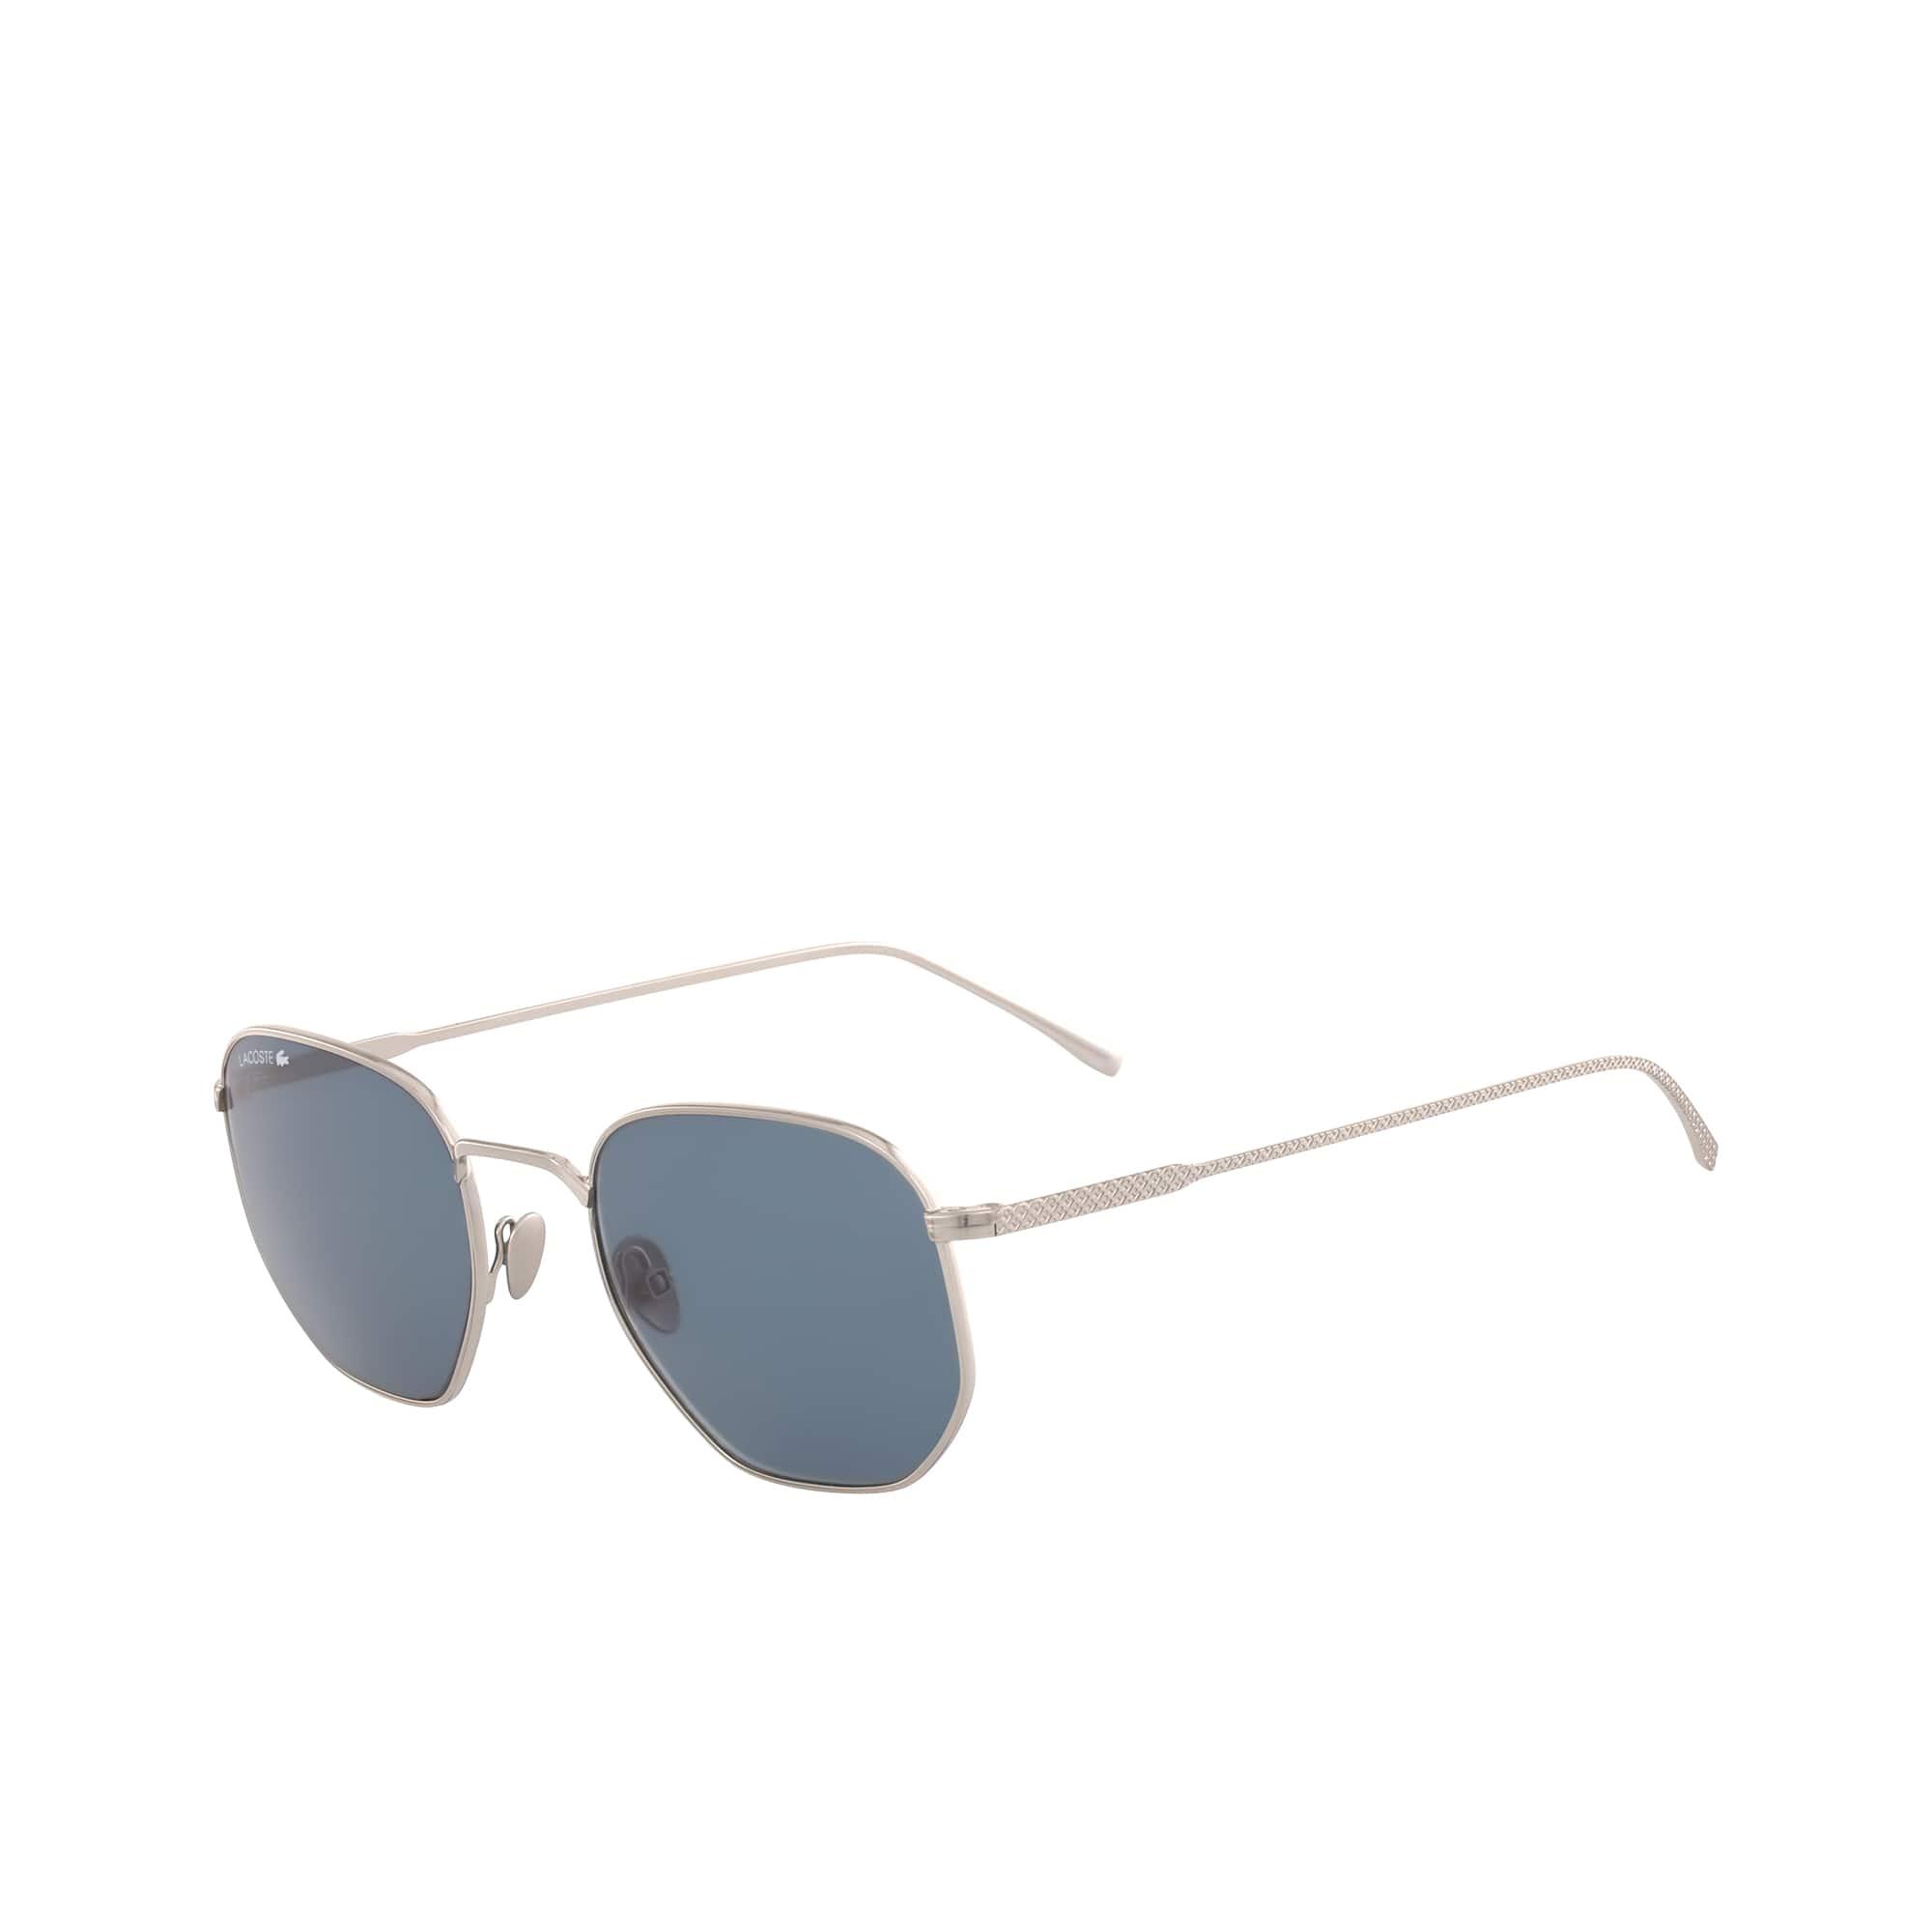 Óculos de Sol para Homem   Acessórios para Homem   LACOSTE 30e6103948